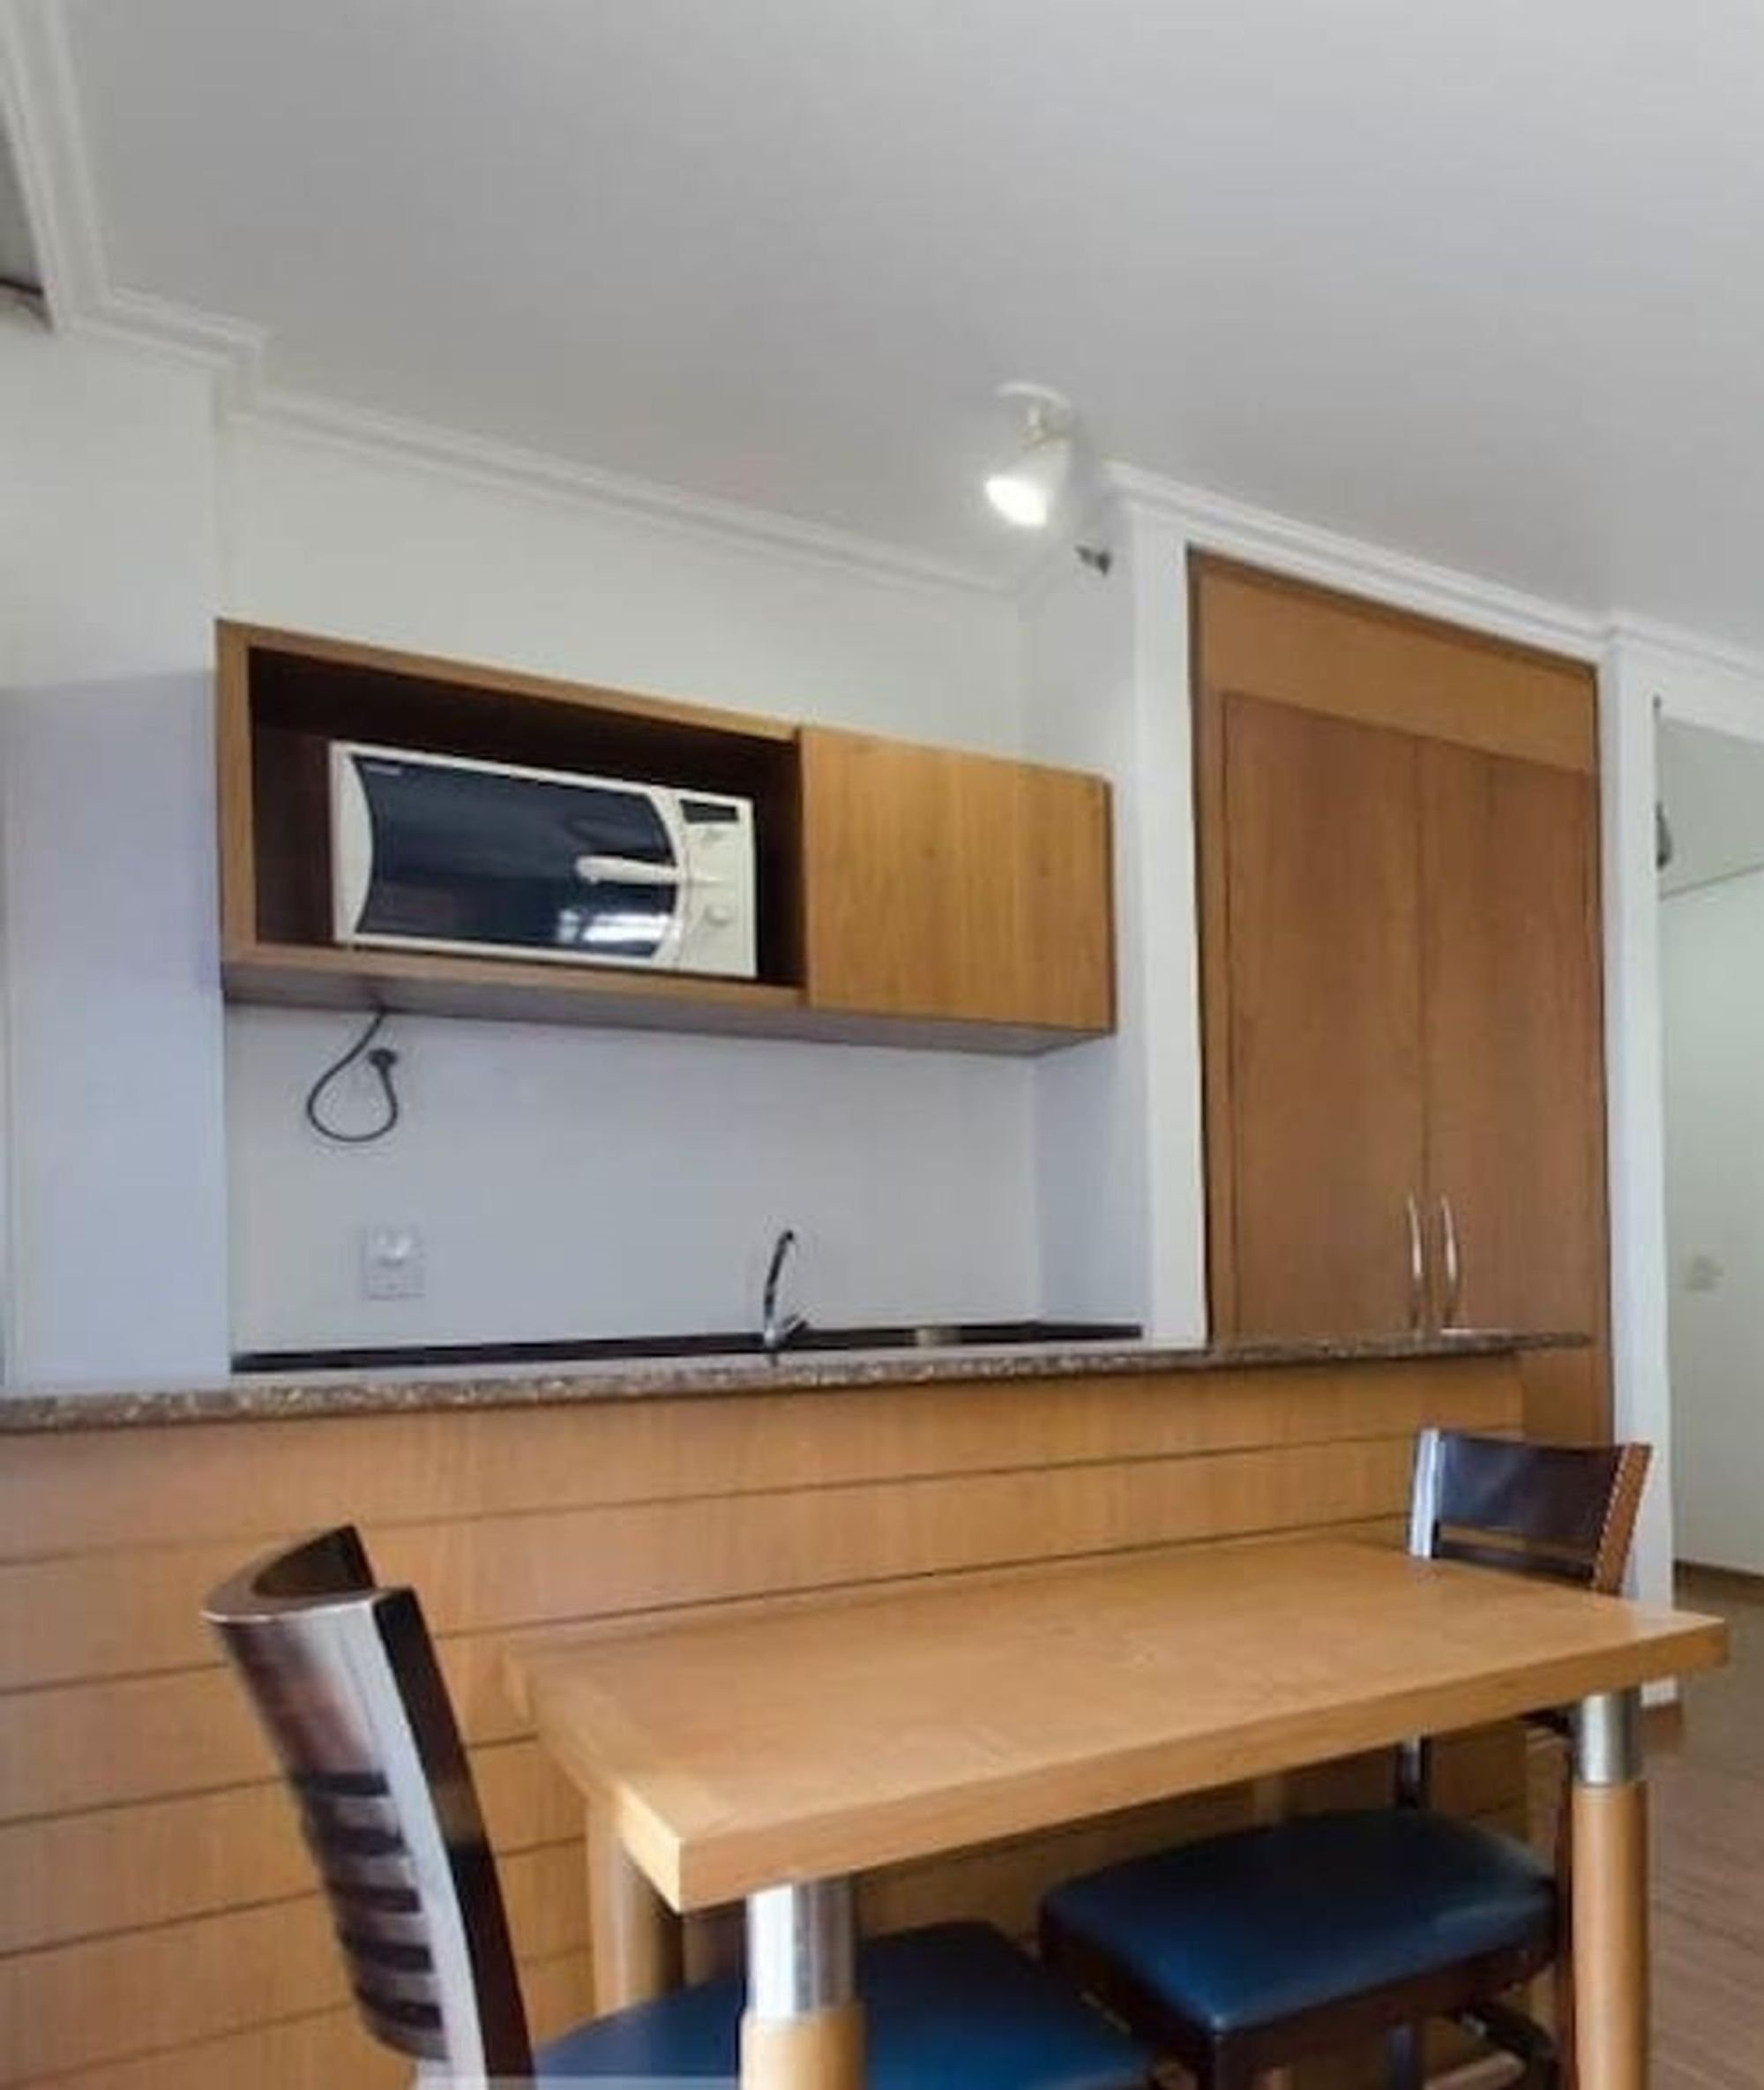 Foto de Sala com banco, televisão, cadeira